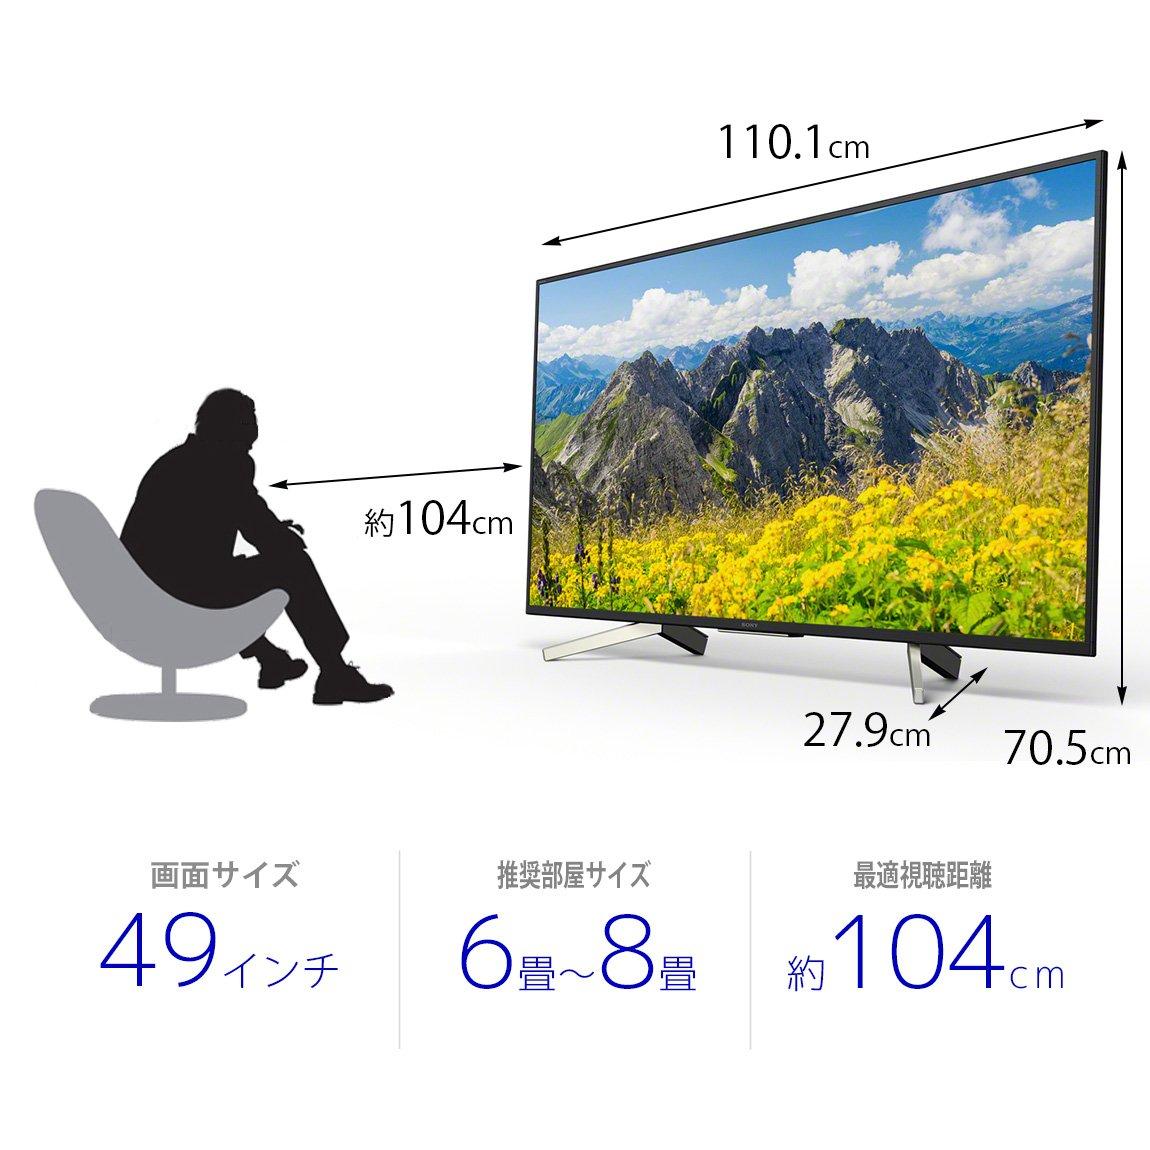 液晶テレビの画面サイズ